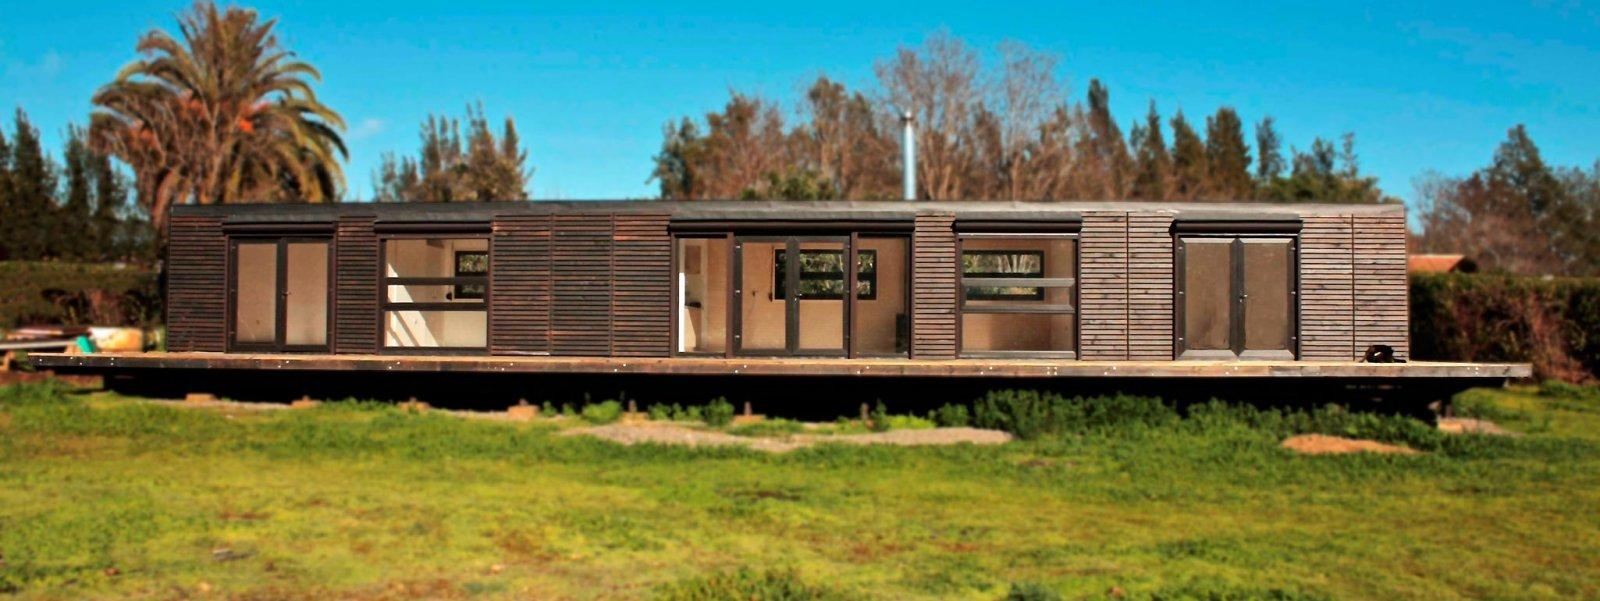 Casas modulares las casas del futuro decoraci n del hogar - Ihome casas modulares ...